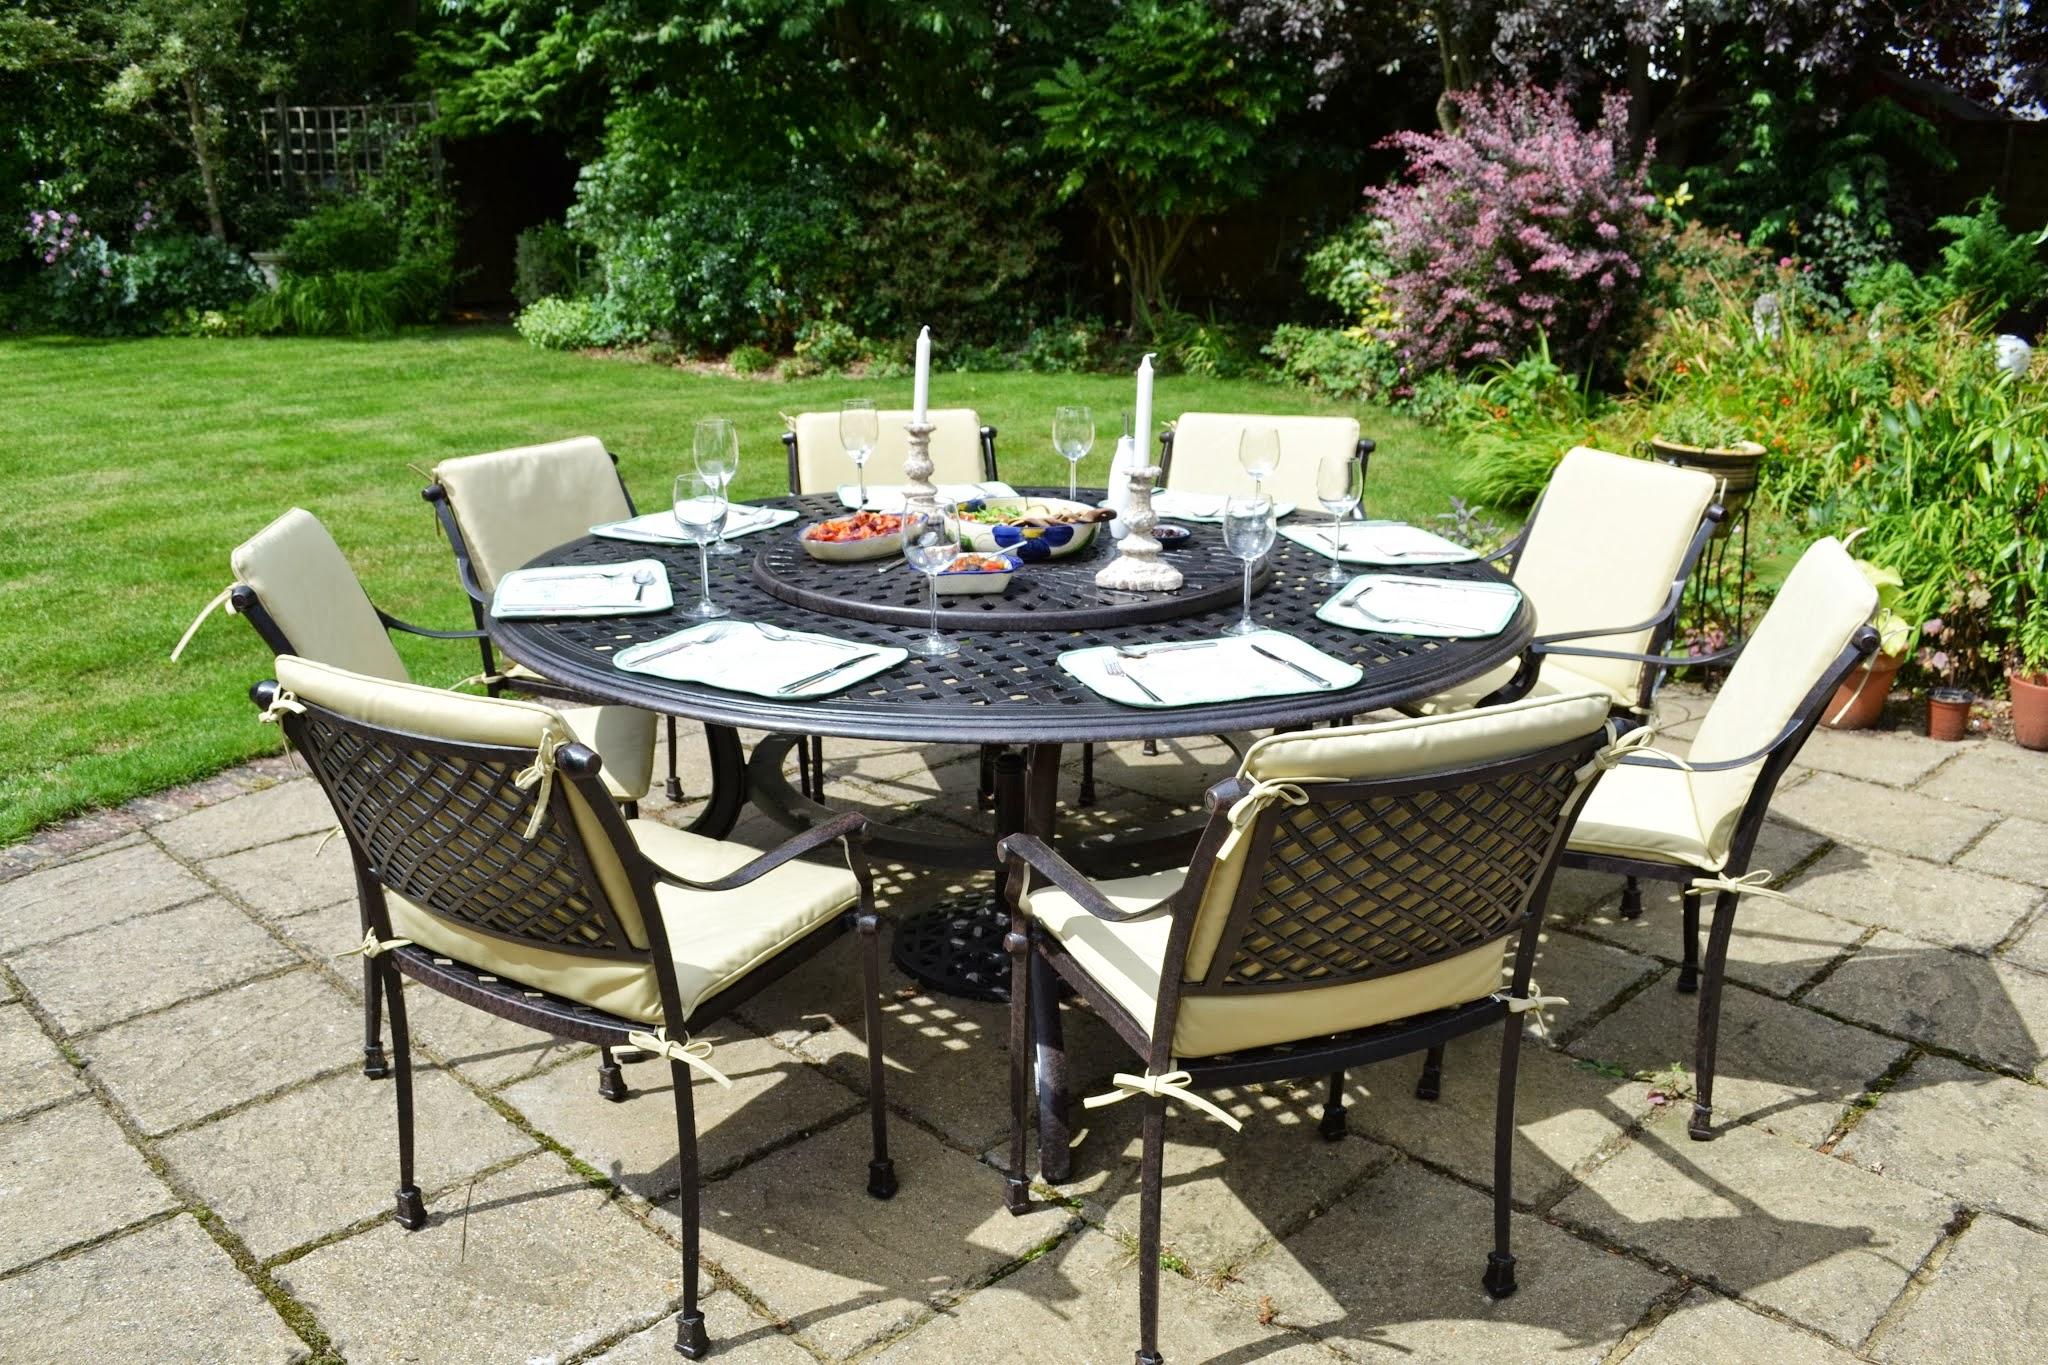 Jardin Table Jardin Tati De Table Tati De R54Laj intérieur Meubles De Jardin Pas Cher